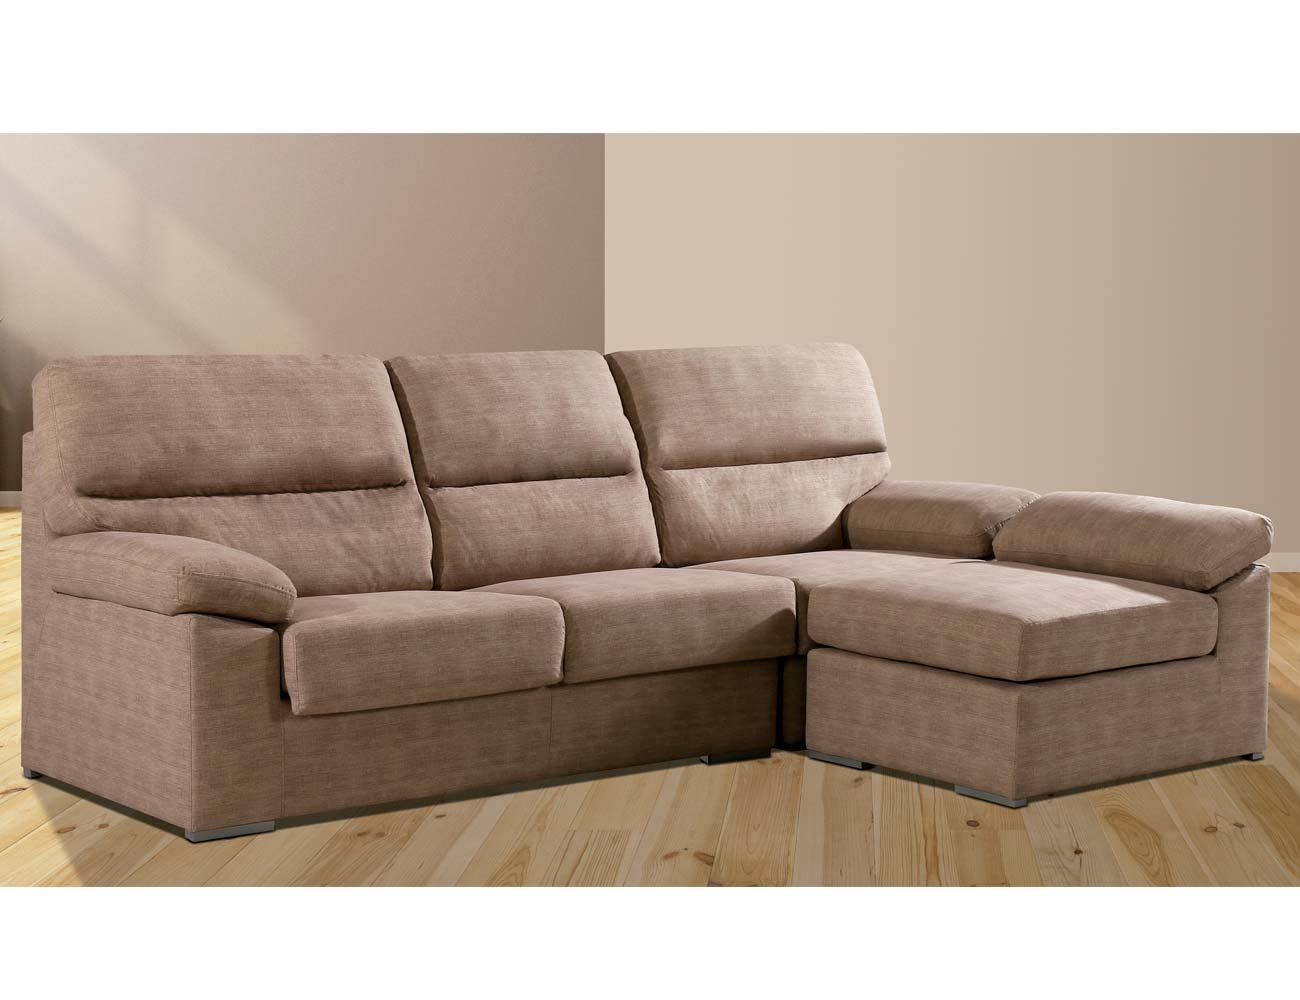 Limpieza de sofas finest limpieza de sofas sillones y for Limpieza de sofas